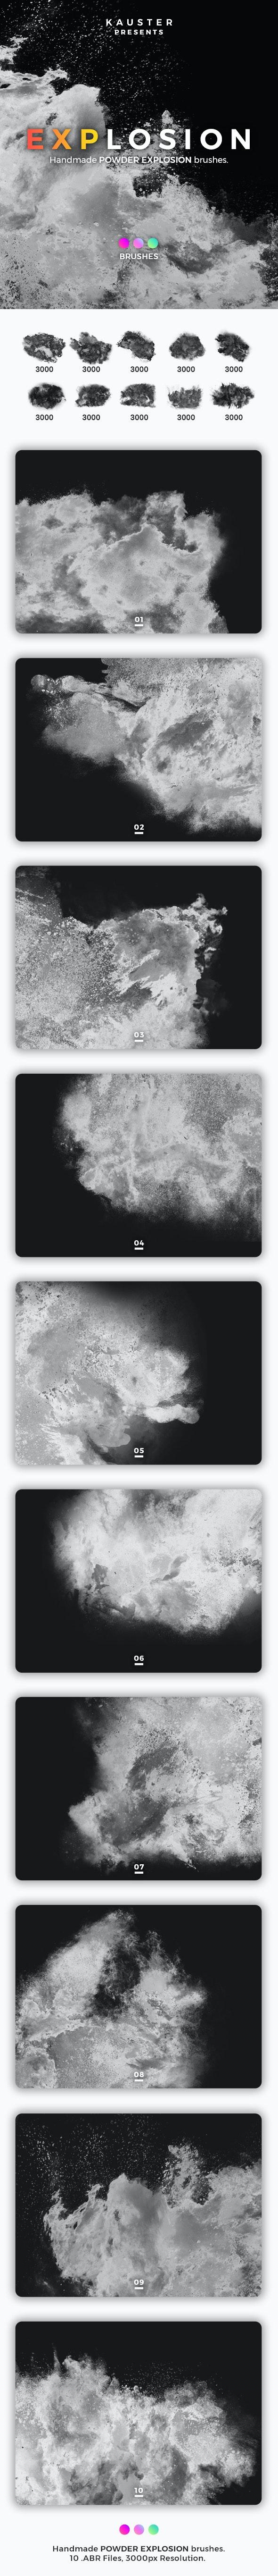 Powder Explosion Brushes - Grunge Brushes